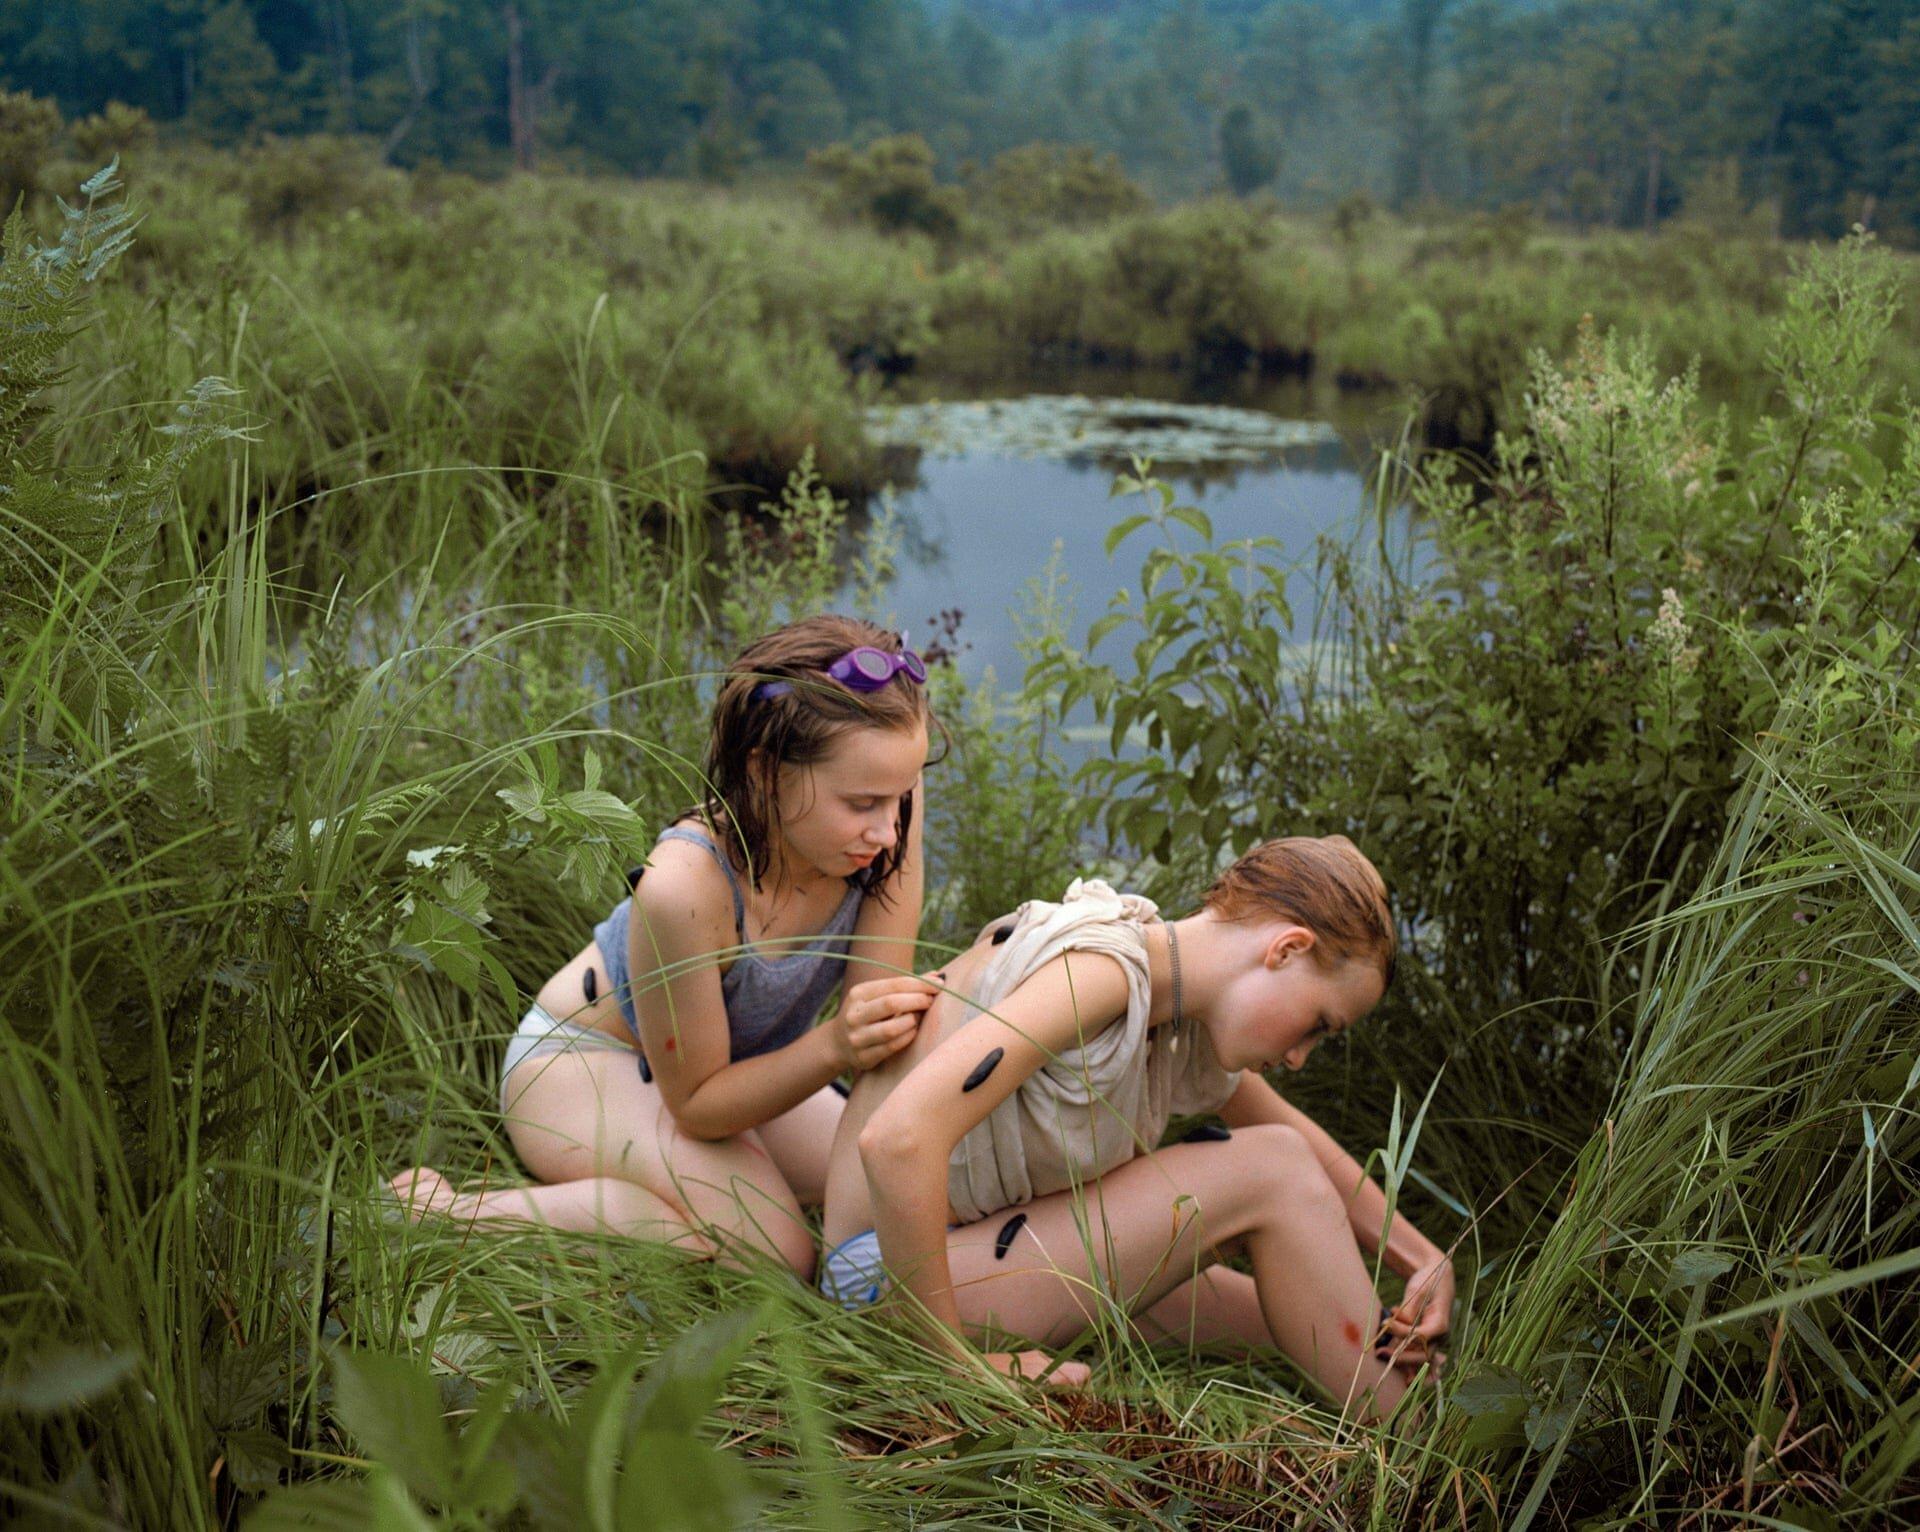 10 світлин: дівчата-підлітки в об'єктиві Джастін Курланд